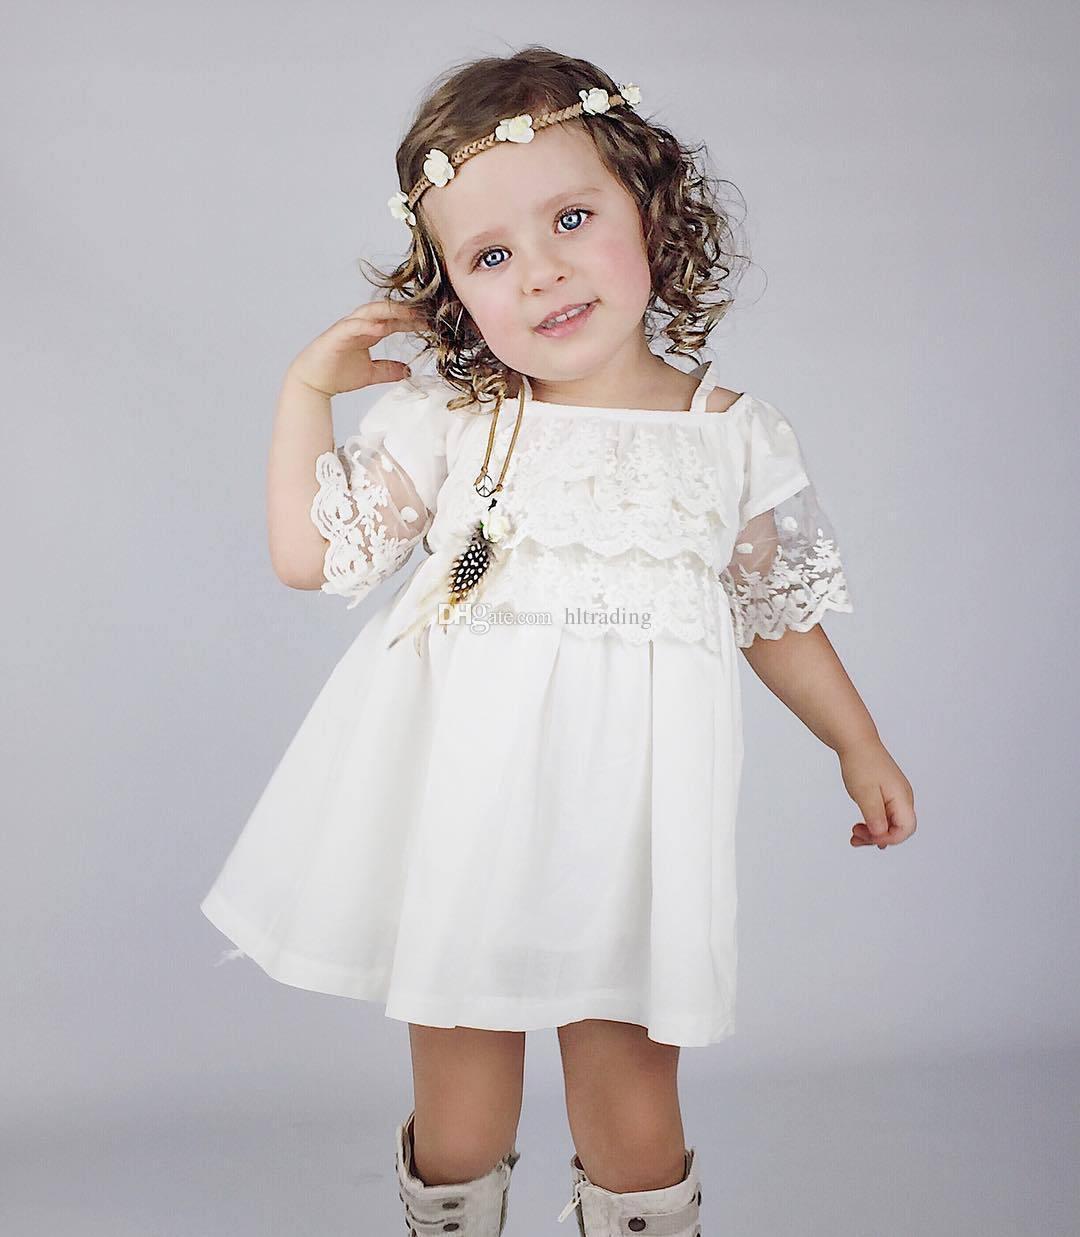 2019 neue Sommer Baby Mädchen Spitze trägerlosen Kleid Kinder Strumpf Prinzessin Kleider Festzug Urlaub Kinder Boutique Kleidung C3516